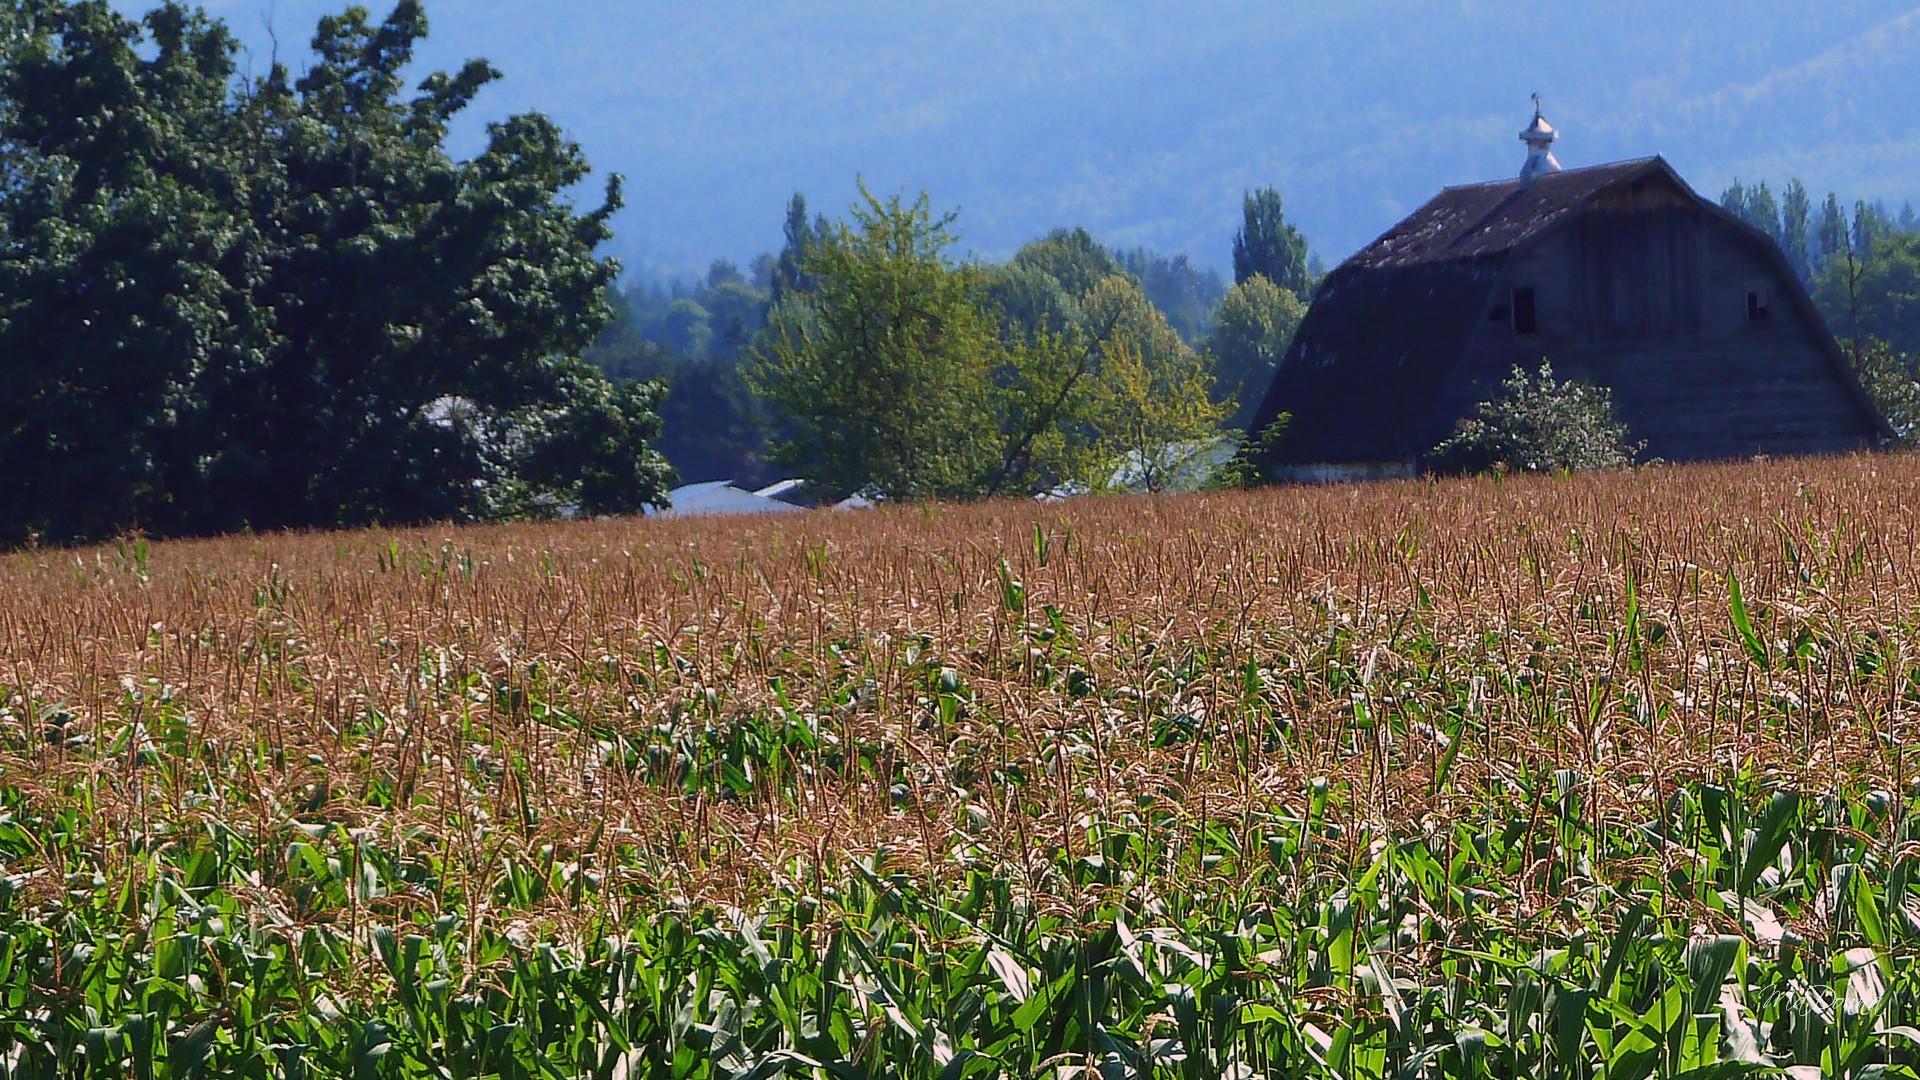 August Barn Corn Field HD wallpapers